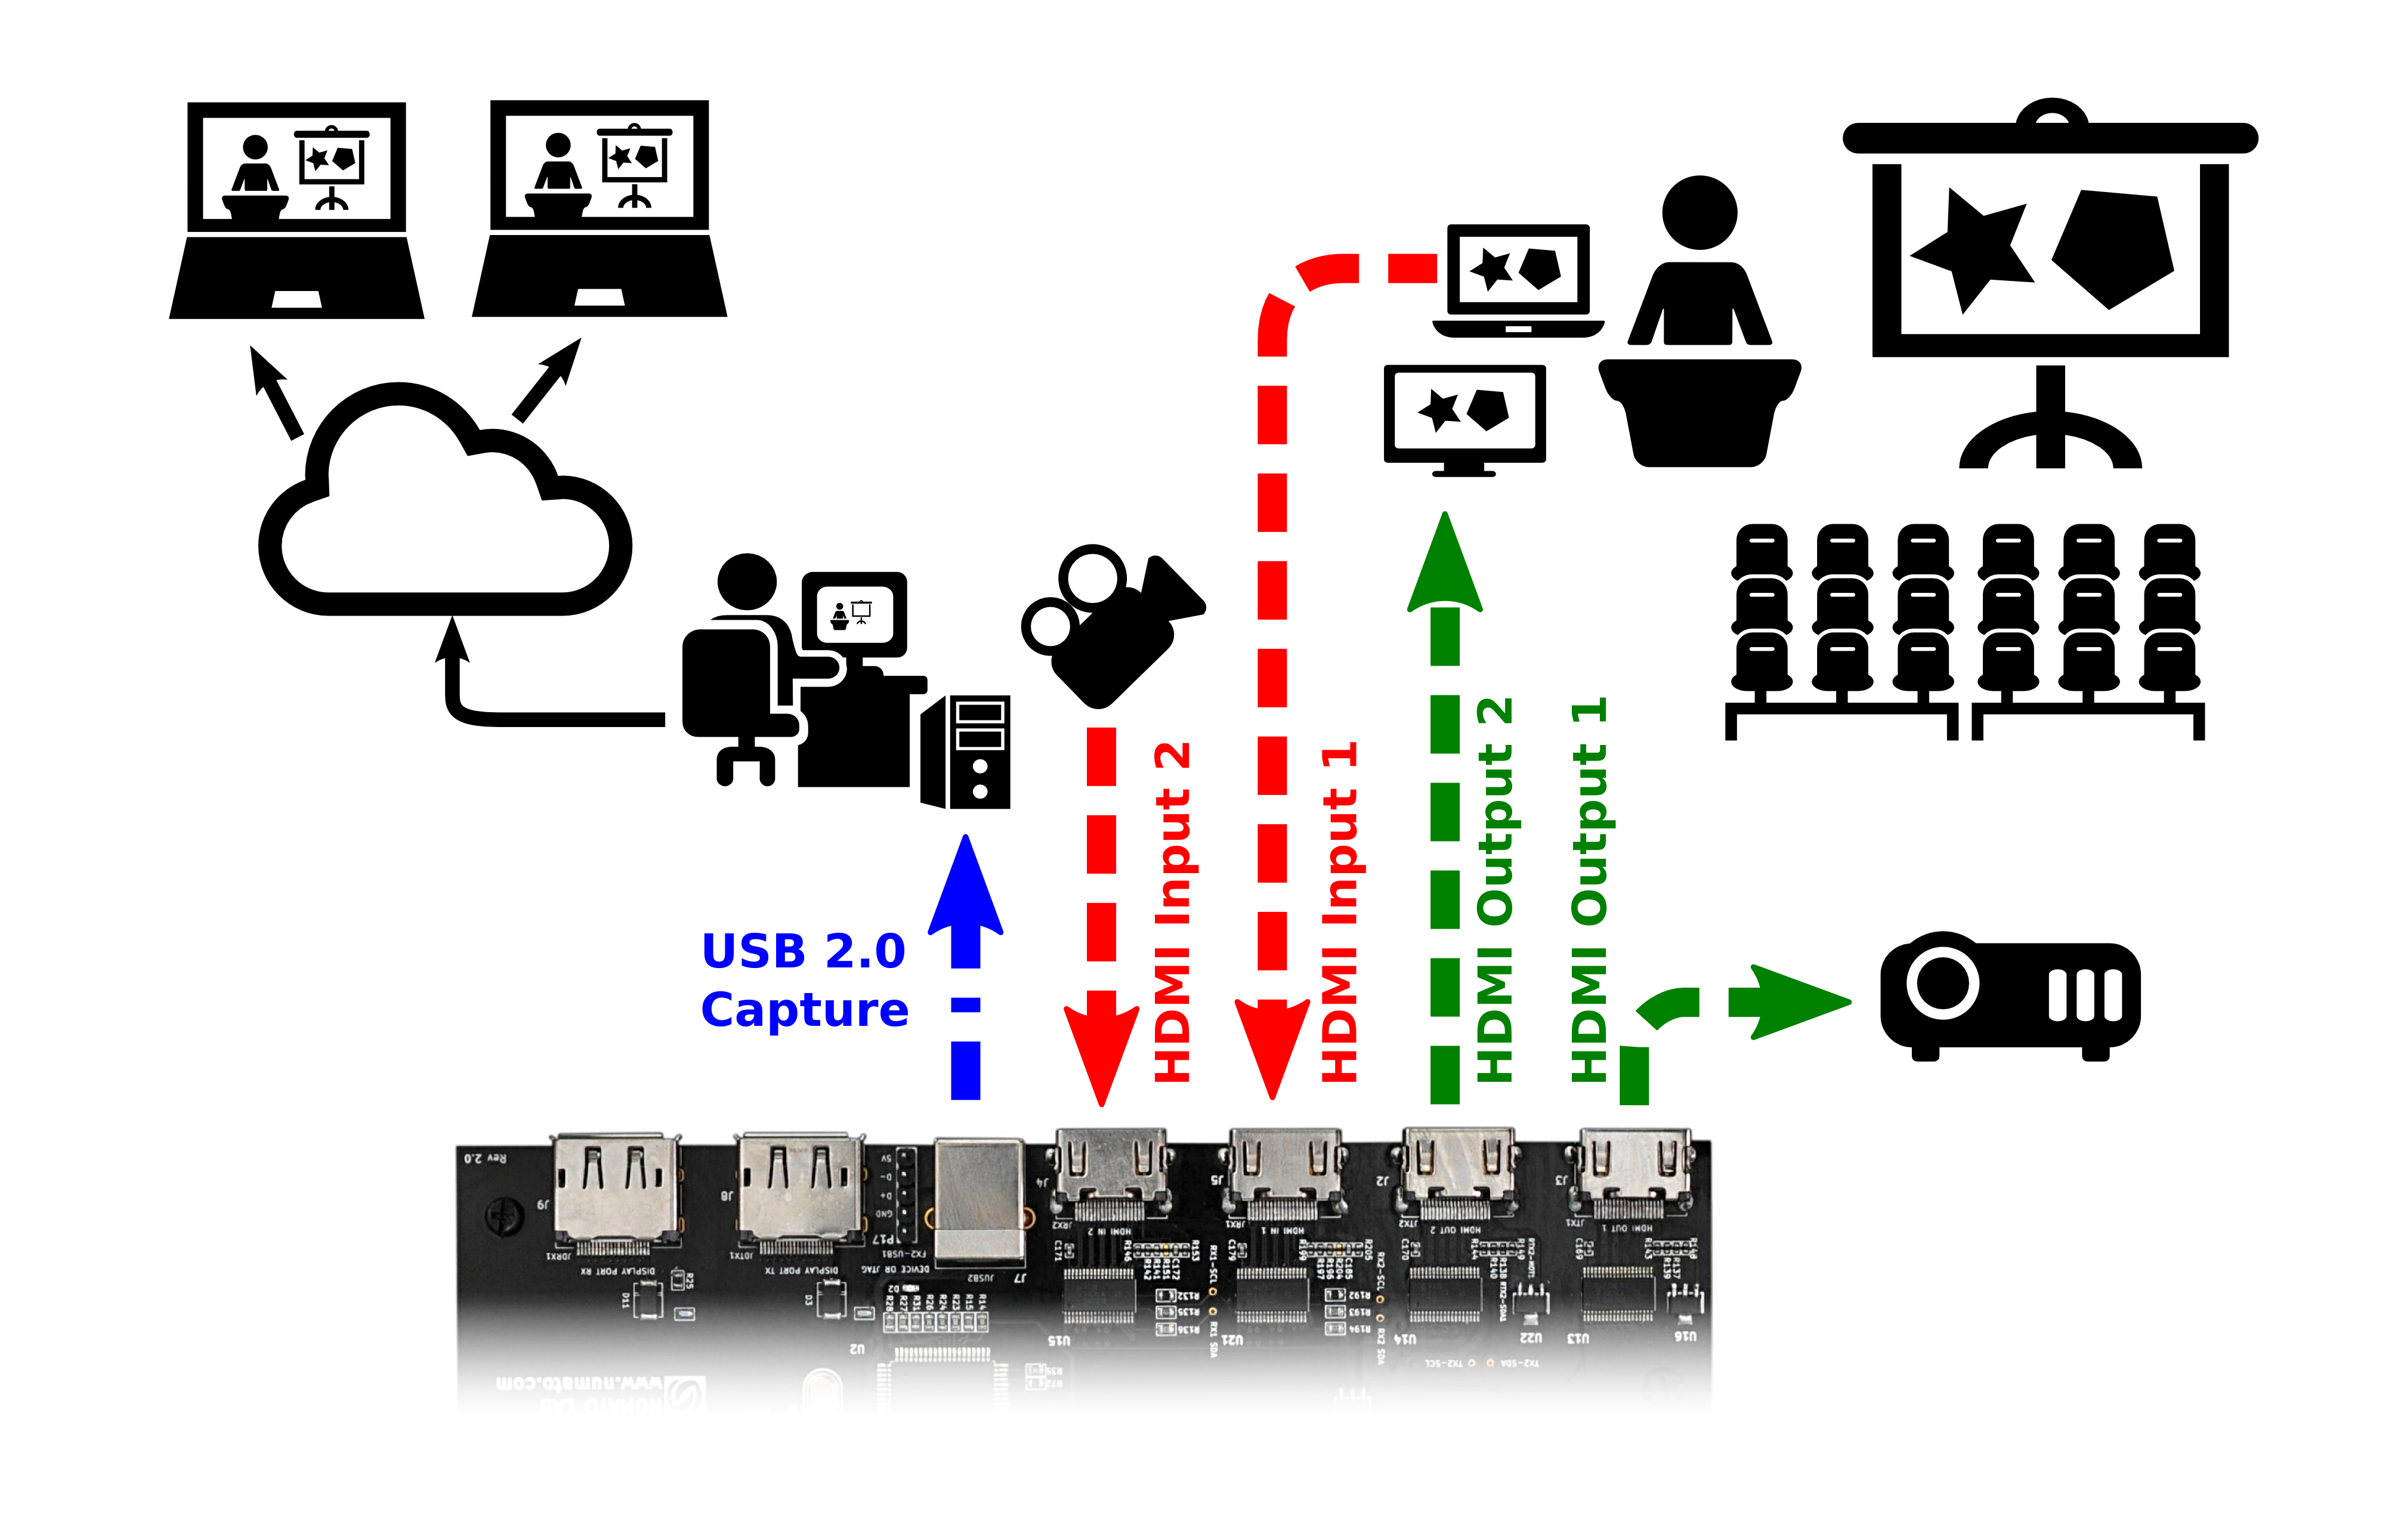 HDMI2USB System Diagram